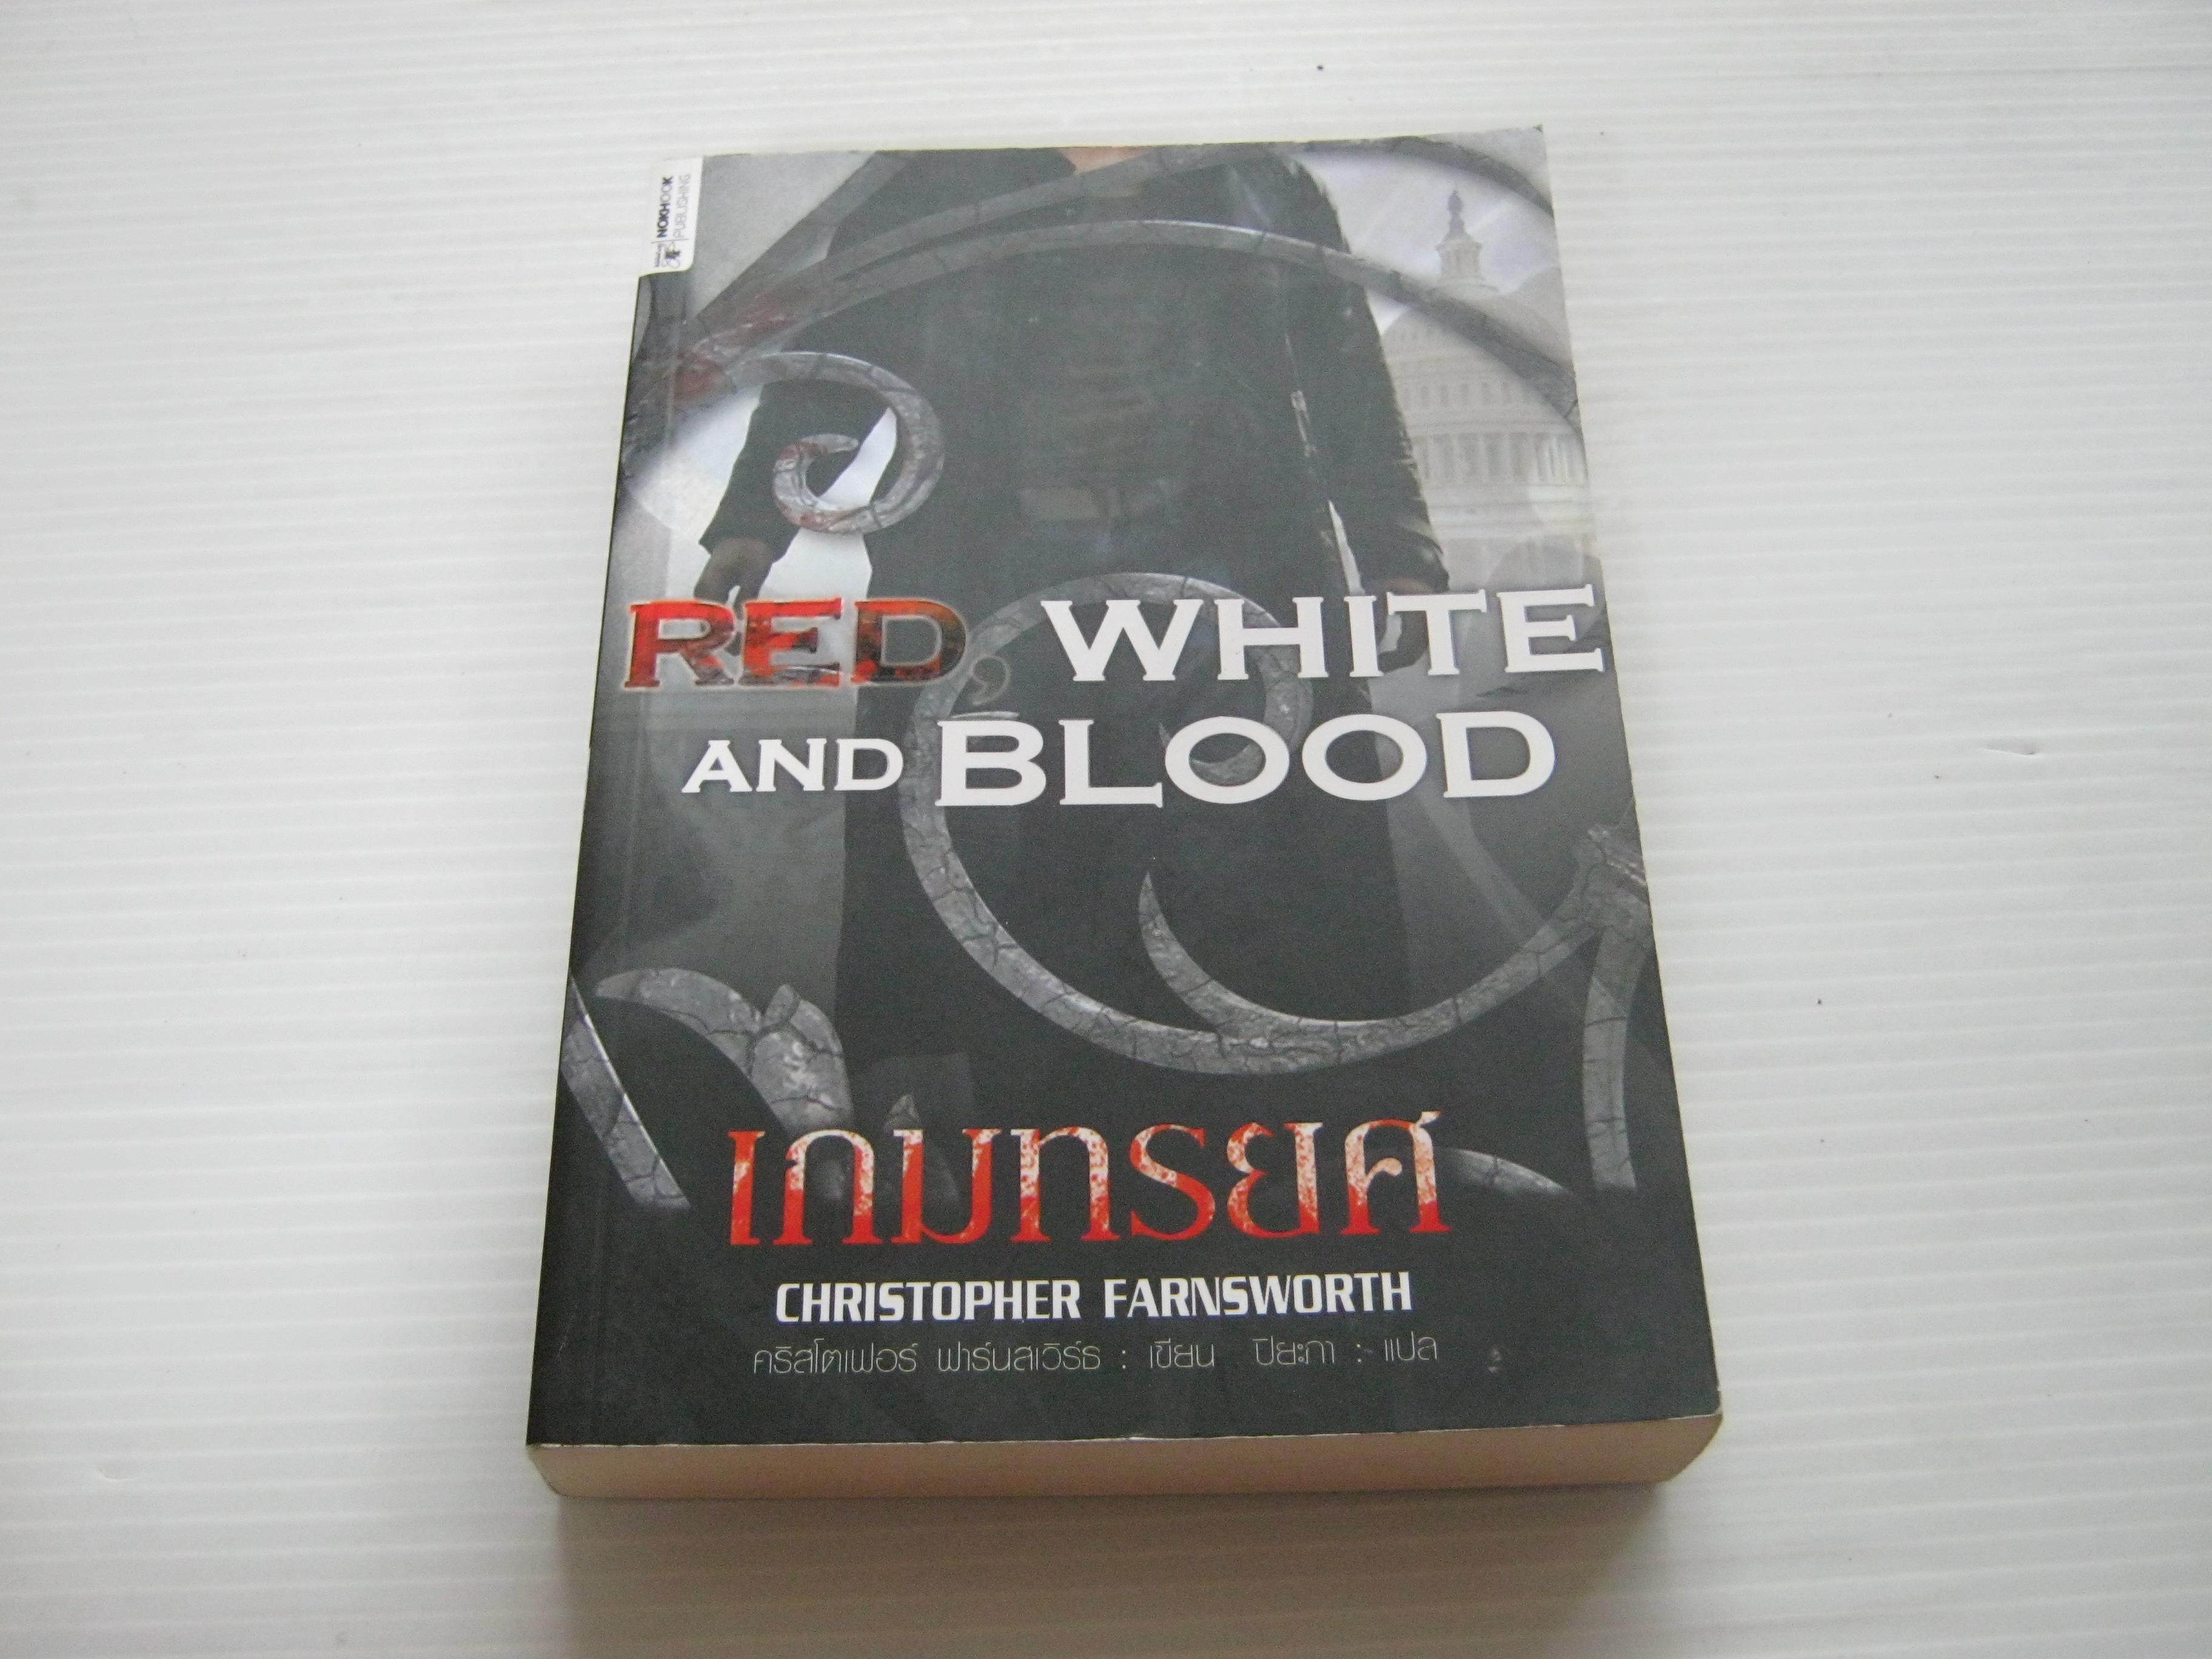 เกมทรยศ Christopher Farnsworth เขียน ปิยะภา แปล